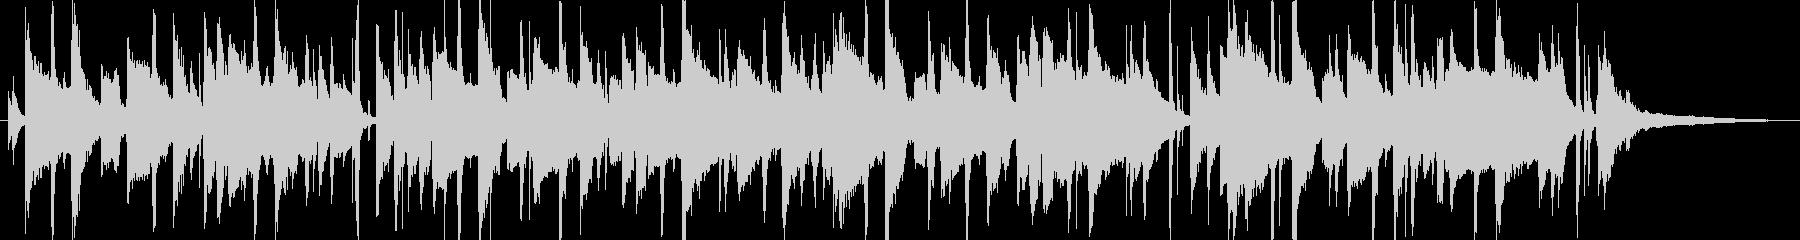 サックスがクールな雰囲気のあるジャズの未再生の波形